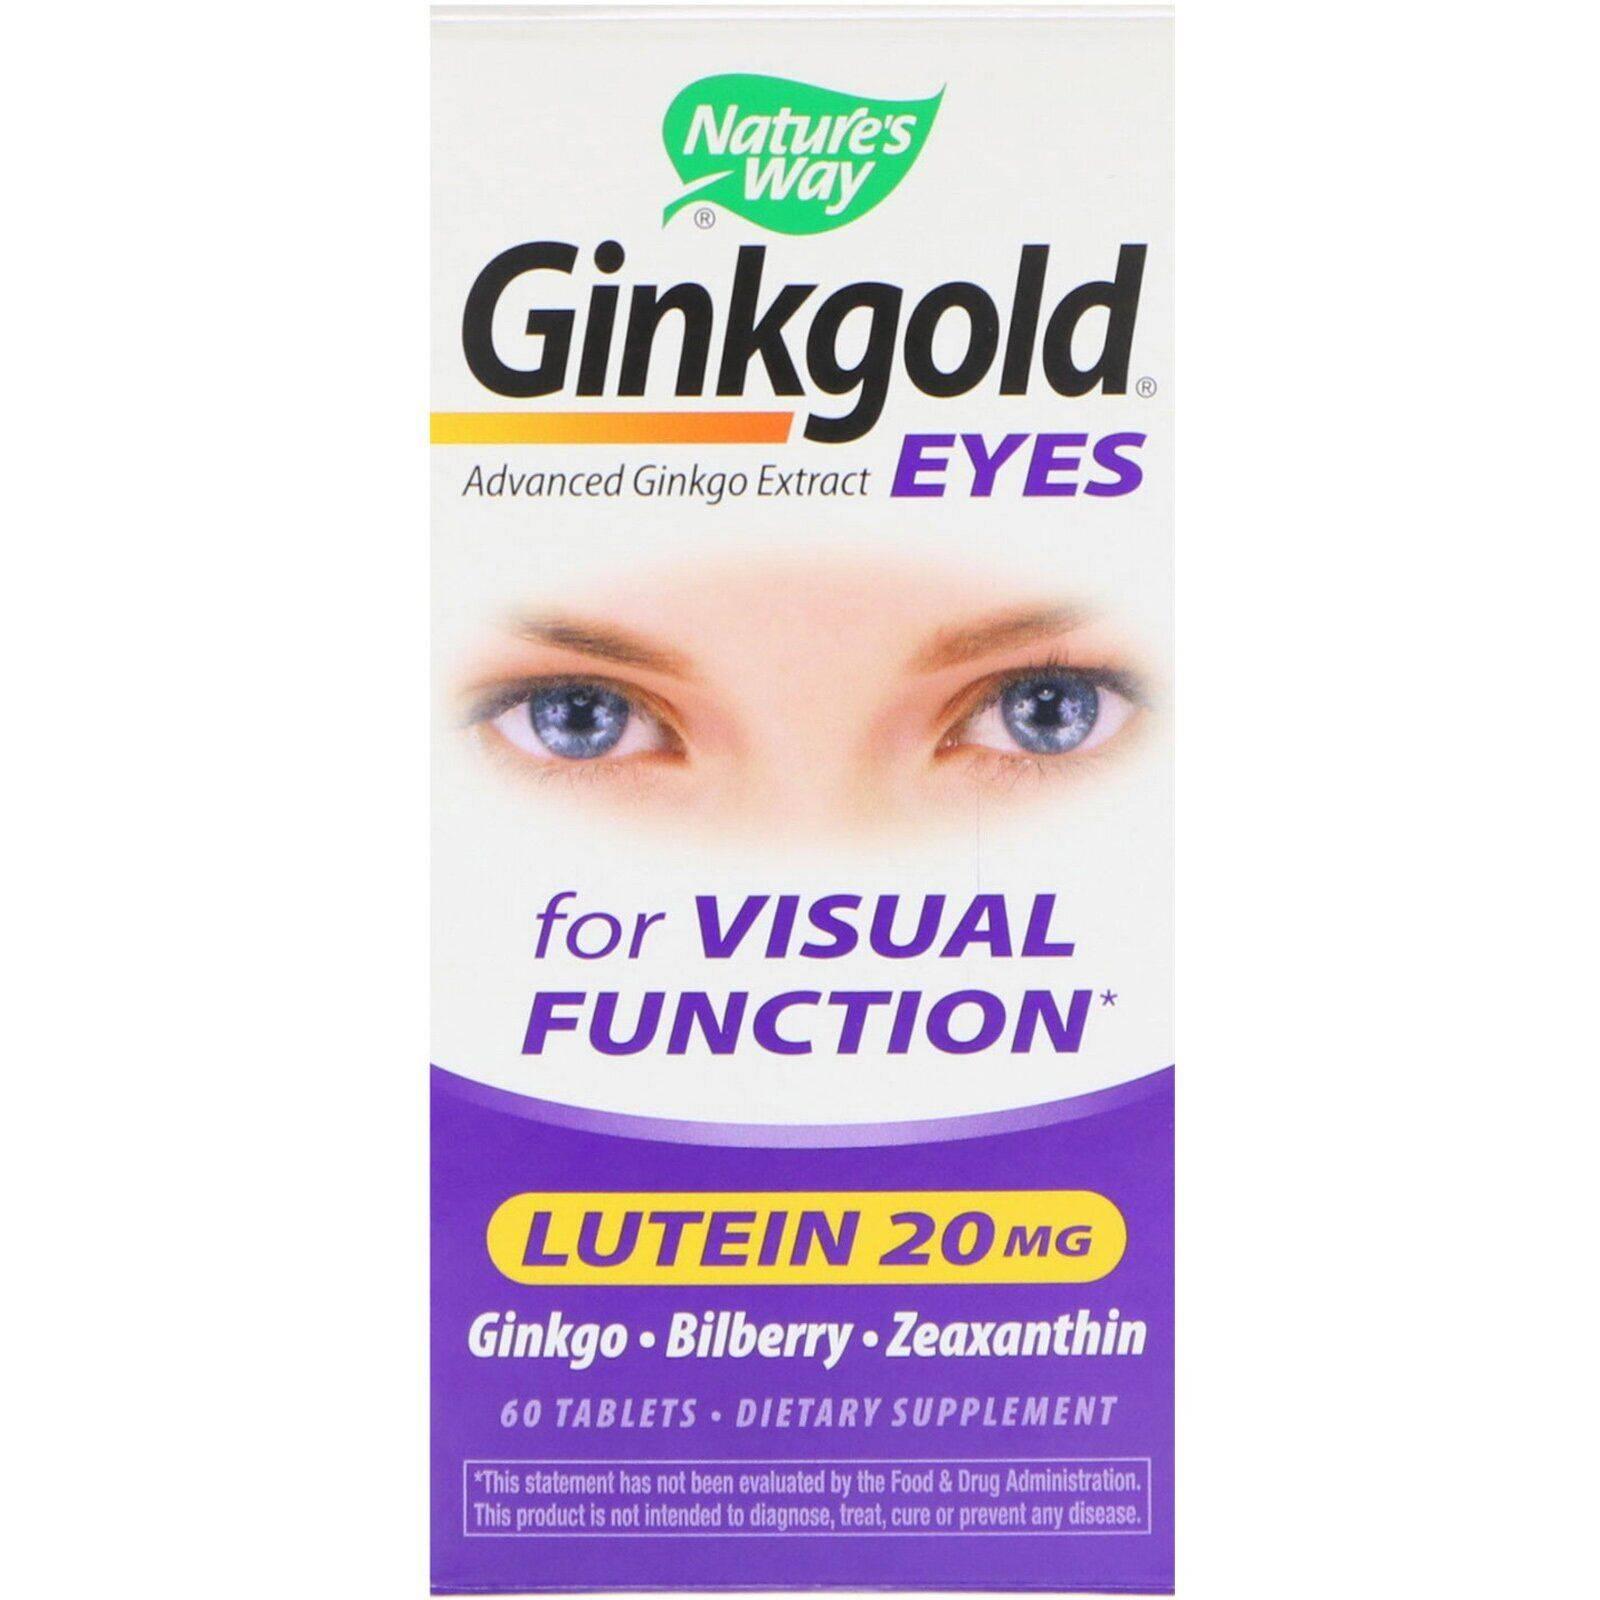 Таблетки и препараты для улучшения зрения: топ лучших средств